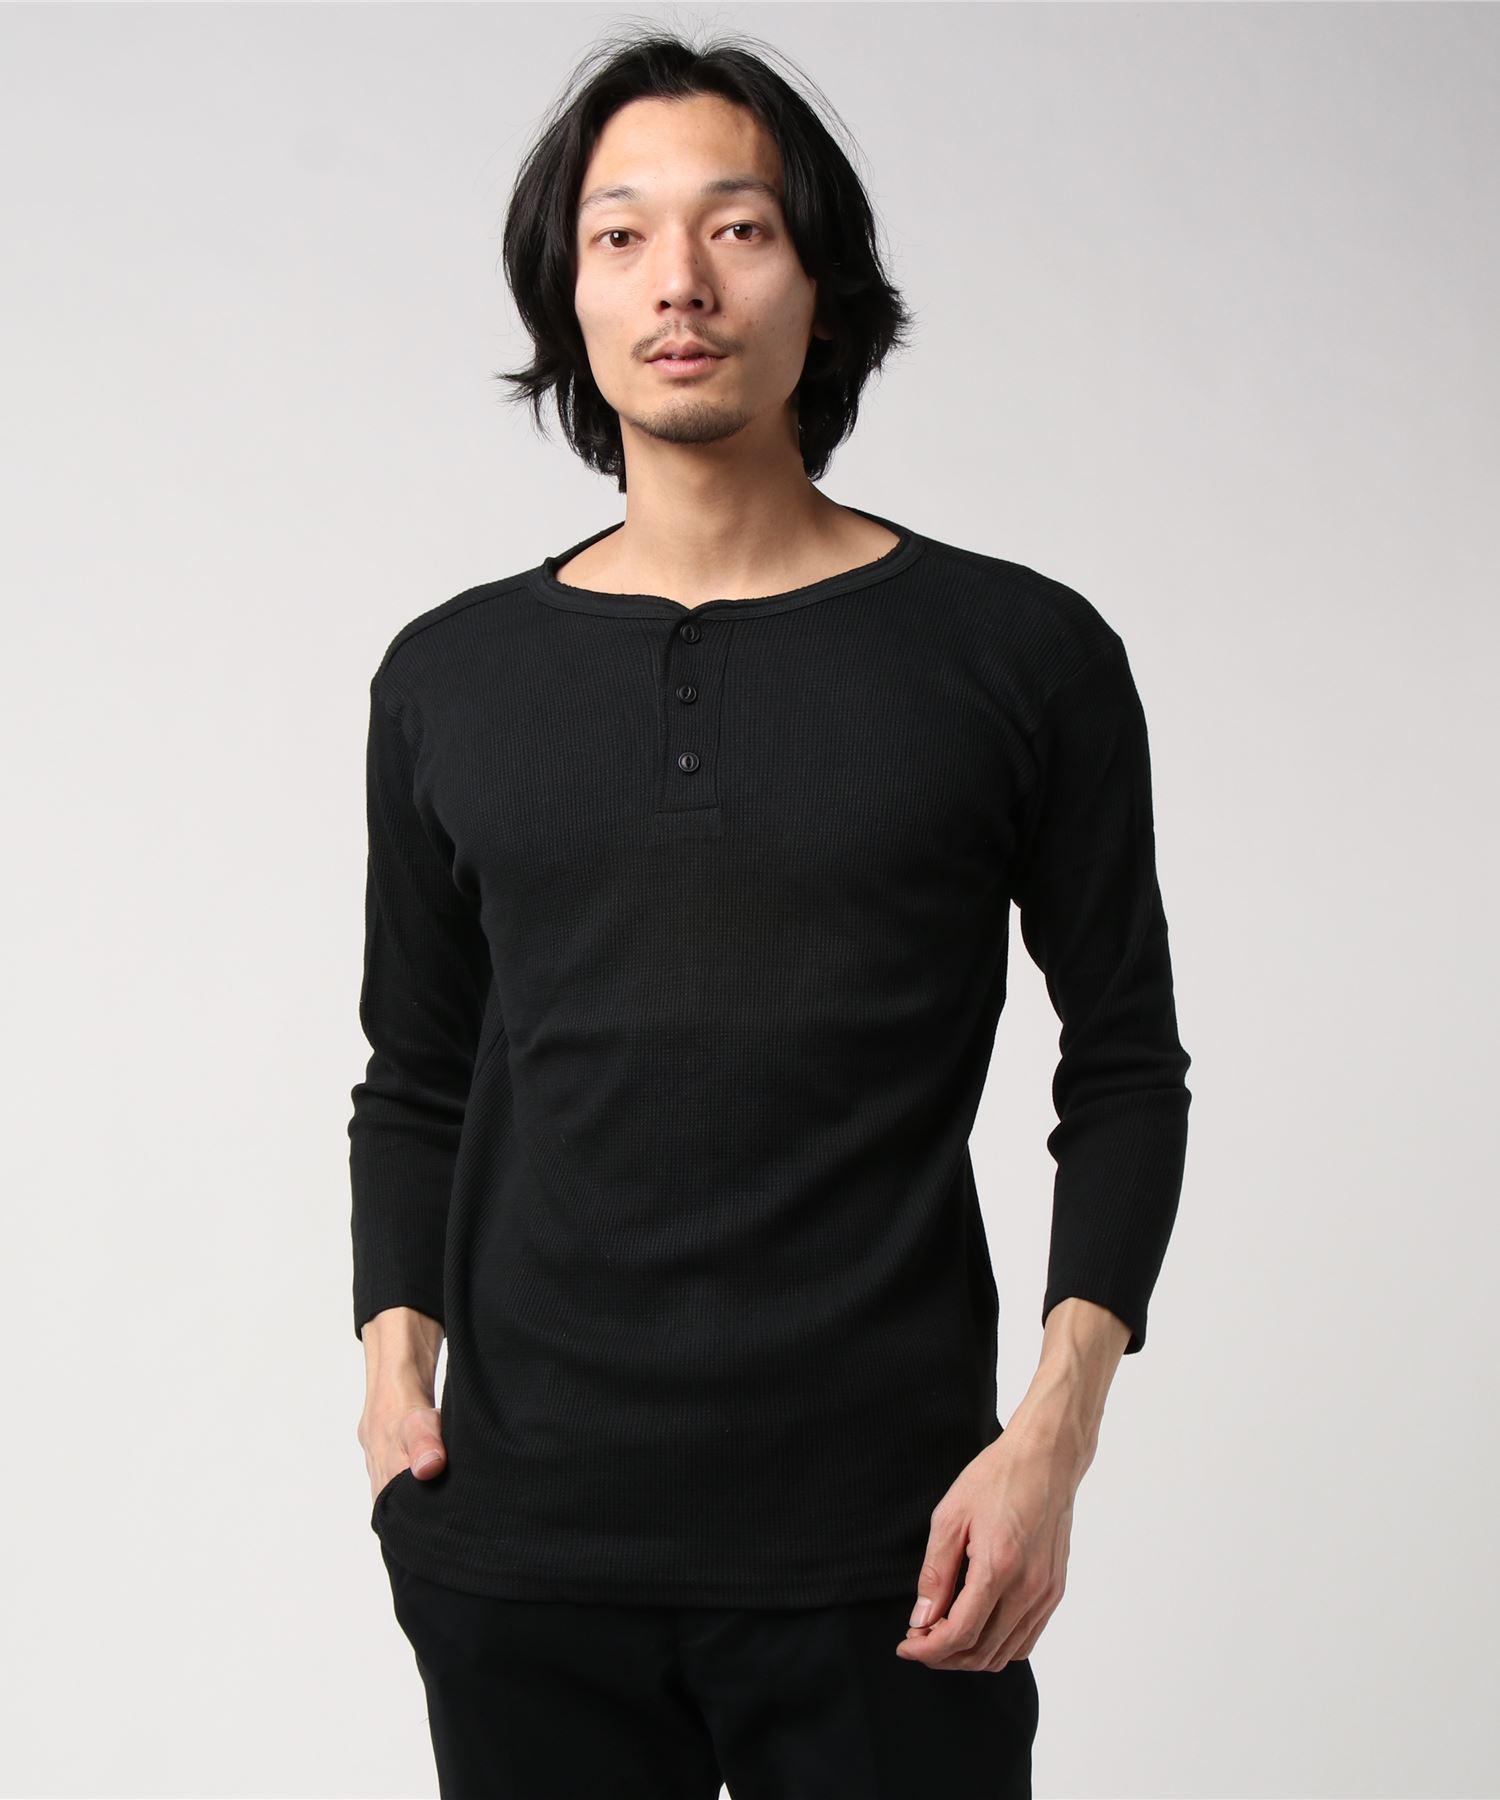 ワッフルサーマル CREW/HENLEY 7分袖&半袖 Tシャツ / クルーネック&ヘンリーネック